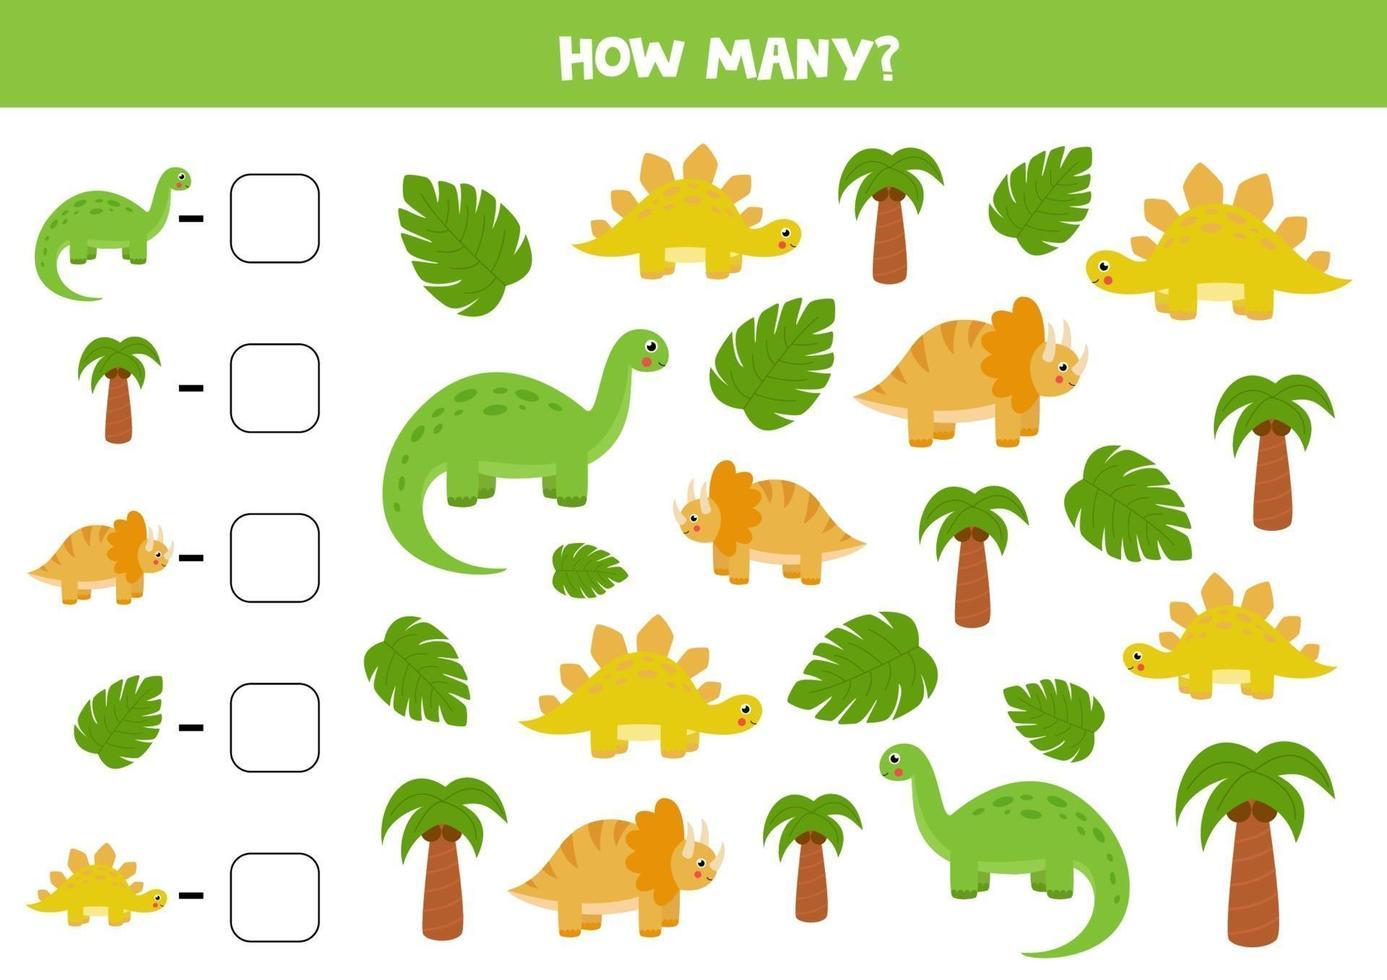 conta tutti i dinosauri e scrivi la risposta giusta nella casella. gioco di matematica per bambini. vettore